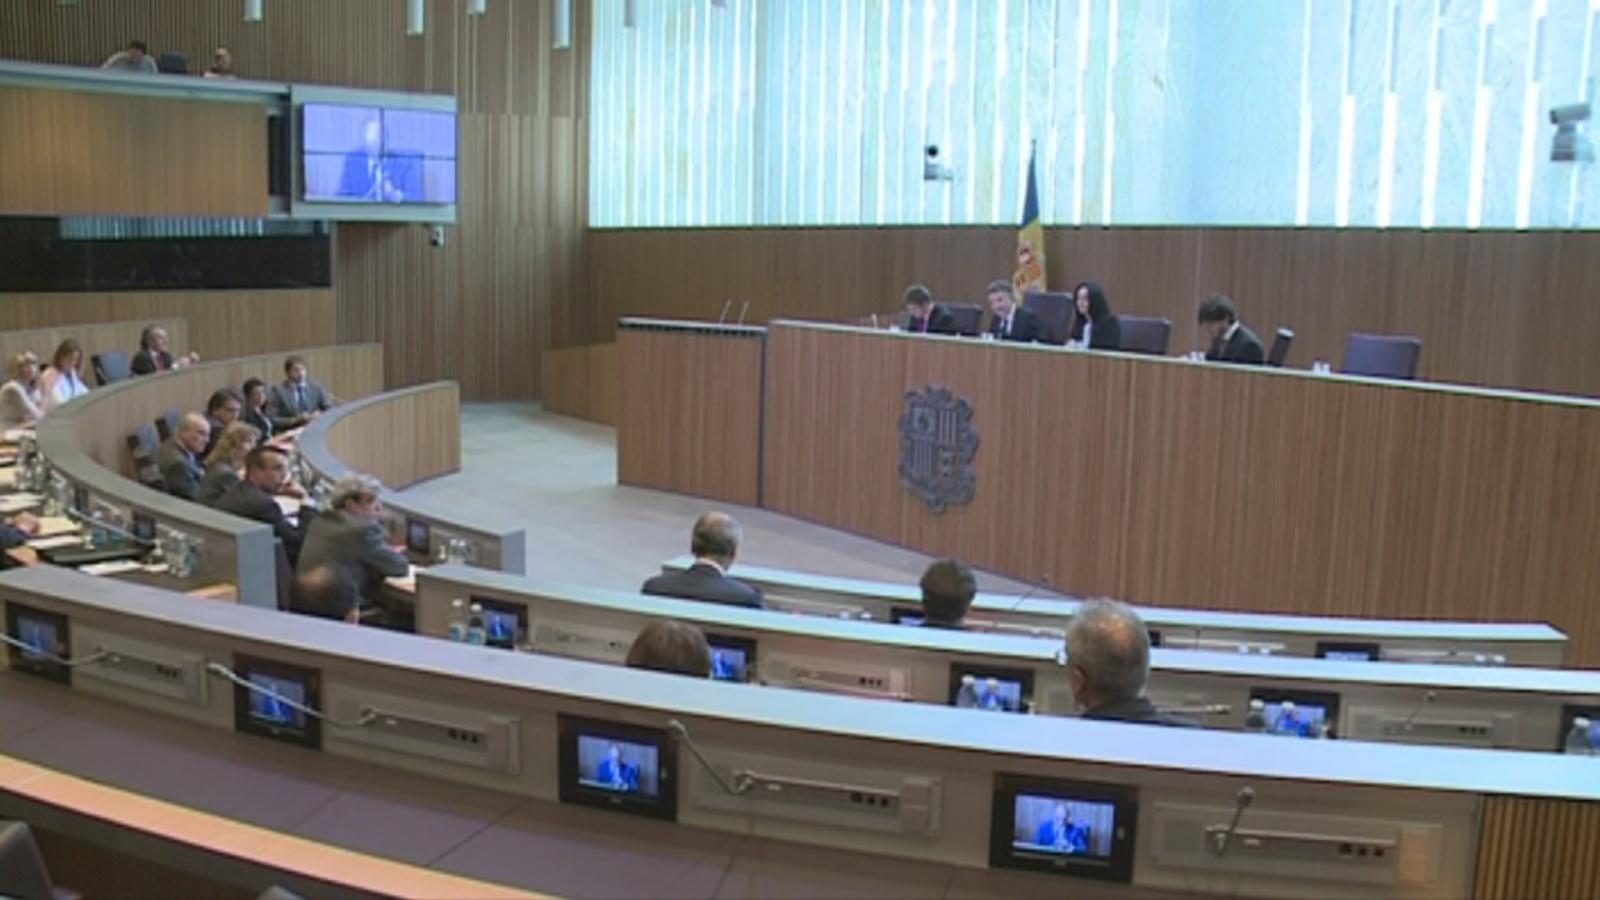 Els grups parlamentaris valoren la visita d'Hollande